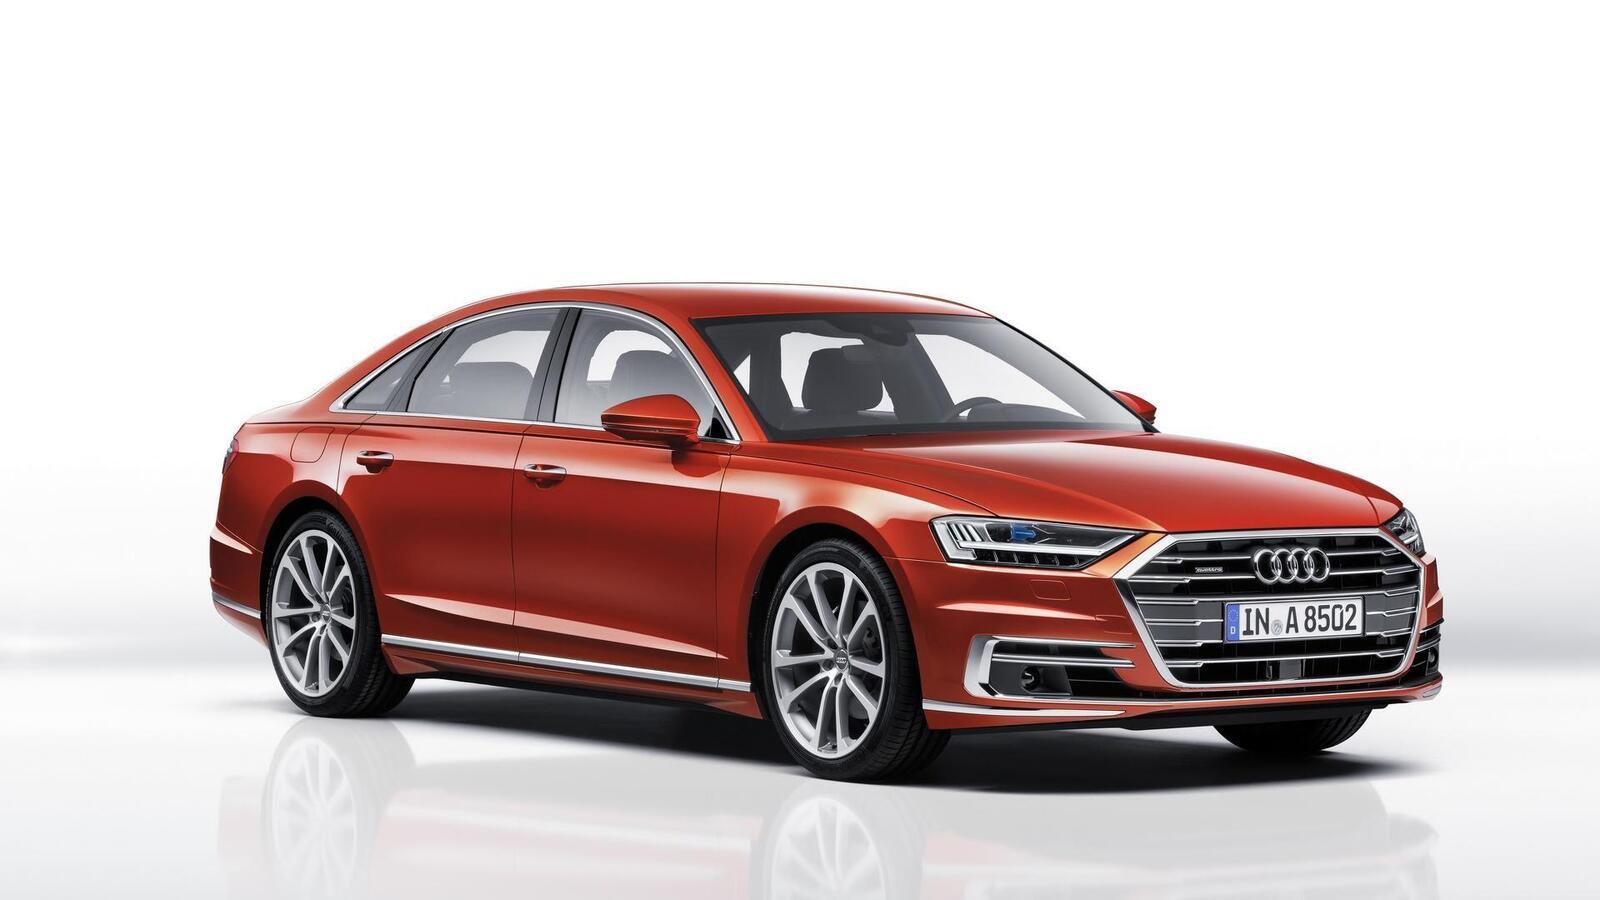 Audi thêm một số trang bị cho A8 2018 - Hình 26